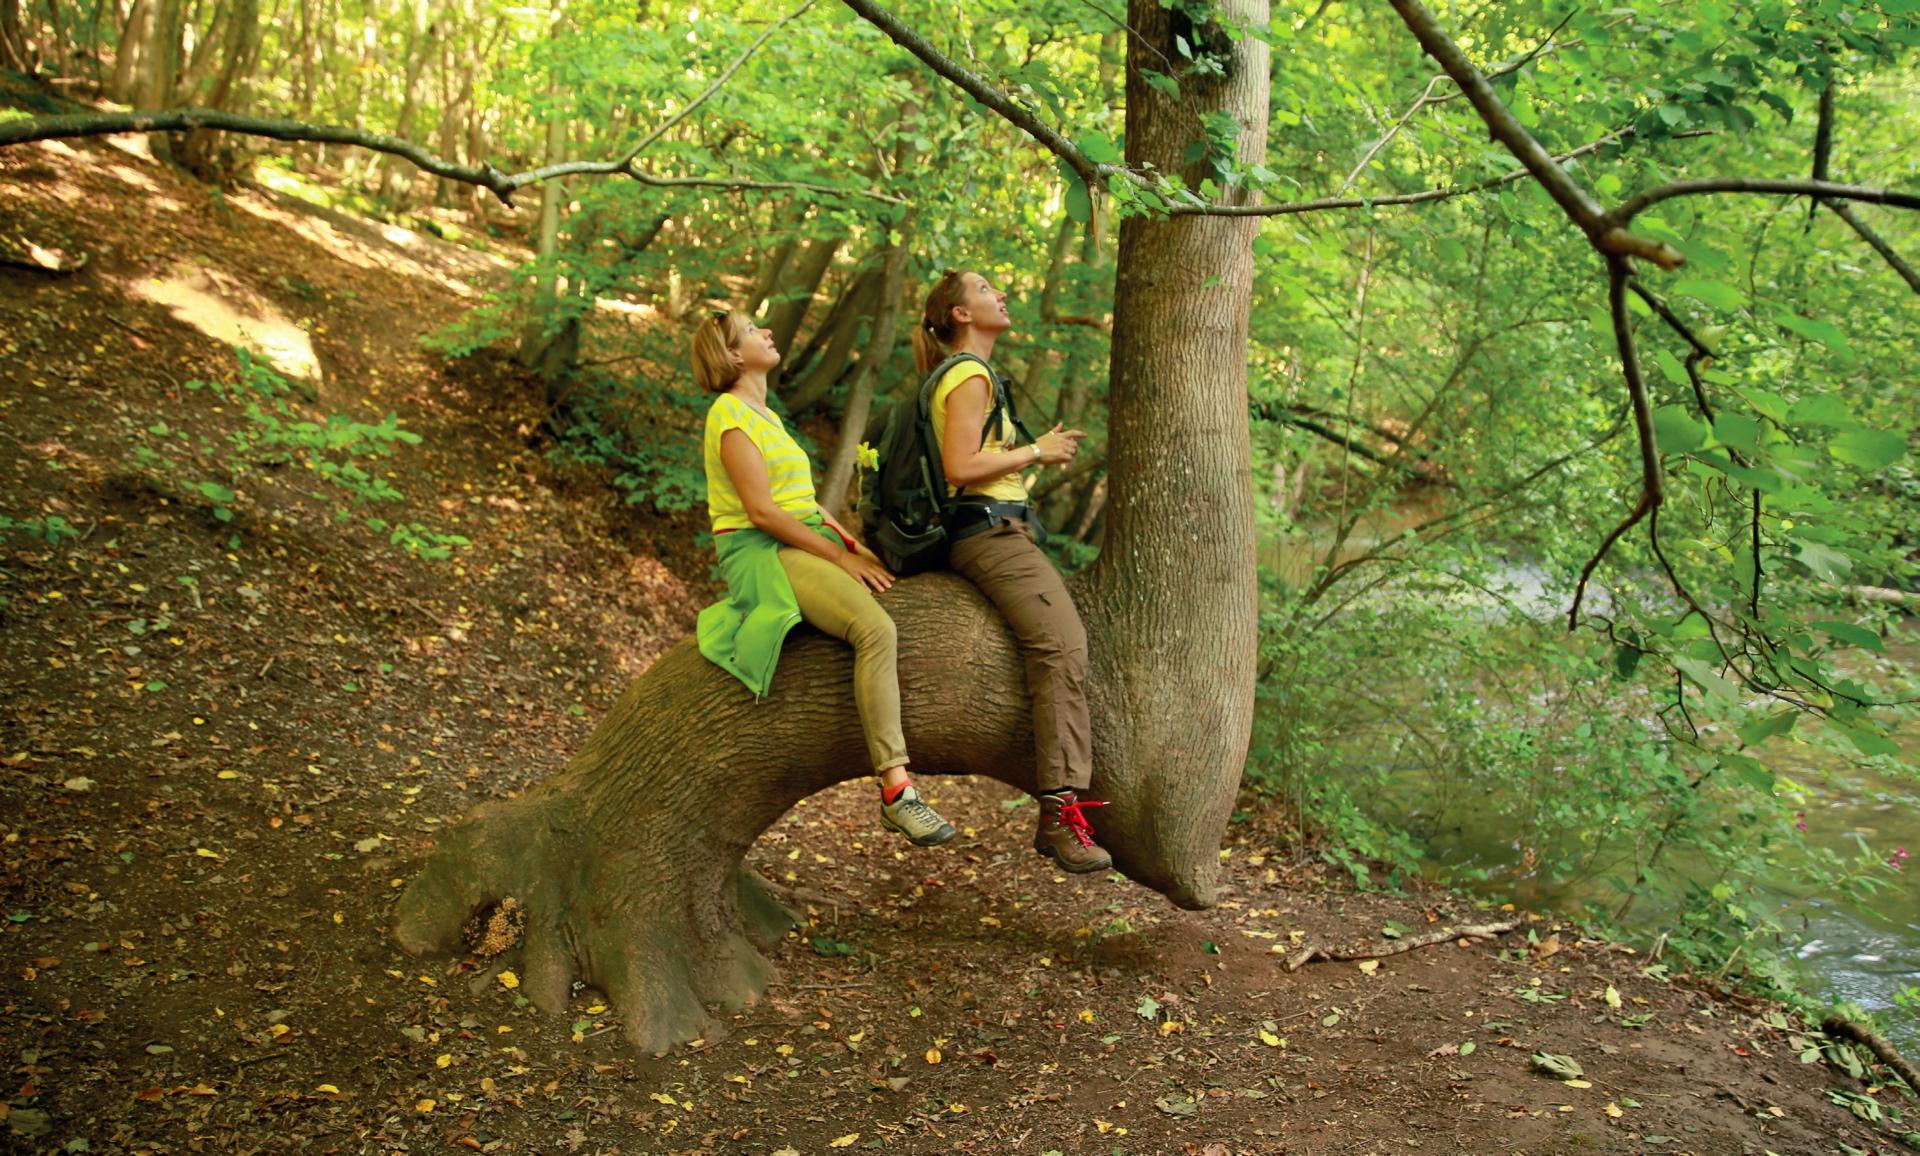 Der Pyrmonter Felsensteig in der Eifel ist für wanderlustige Frauen wie geschaffen © Michael Sänger